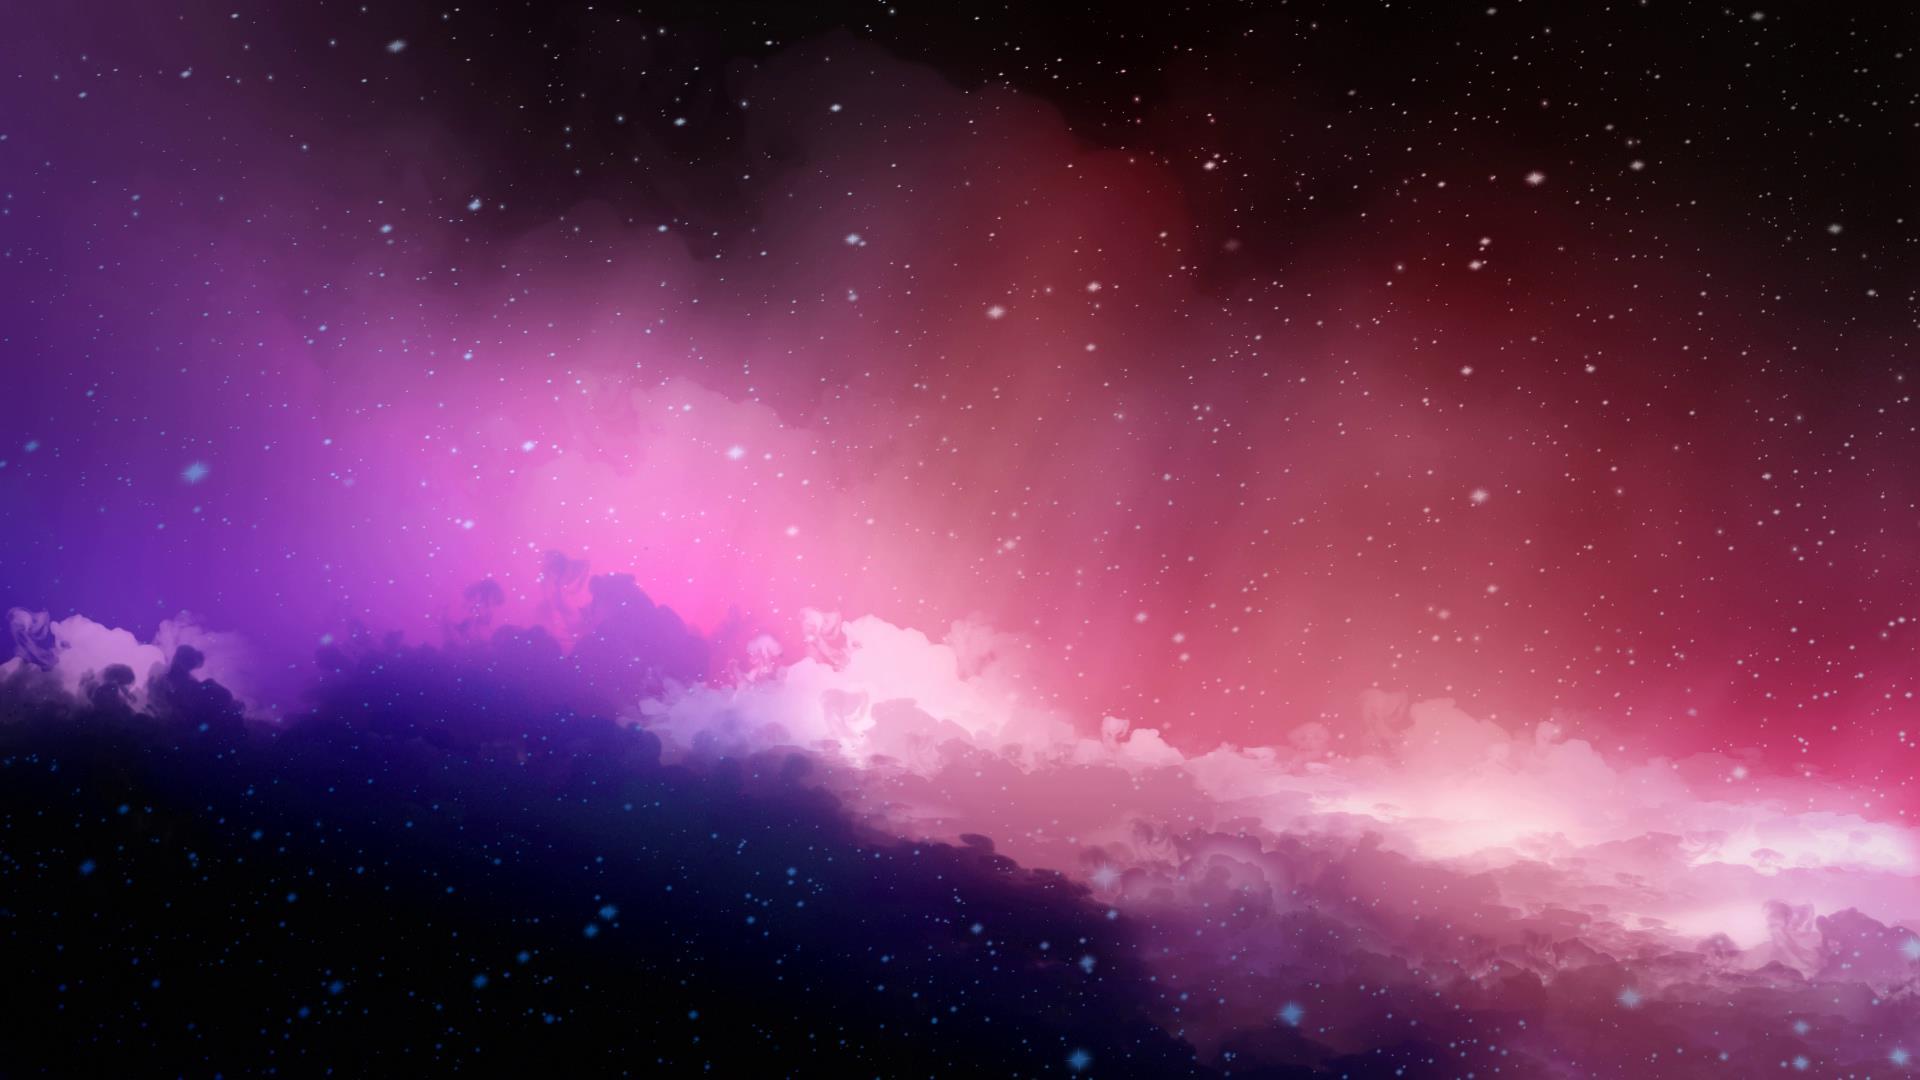 高清夢幻星空壁紙